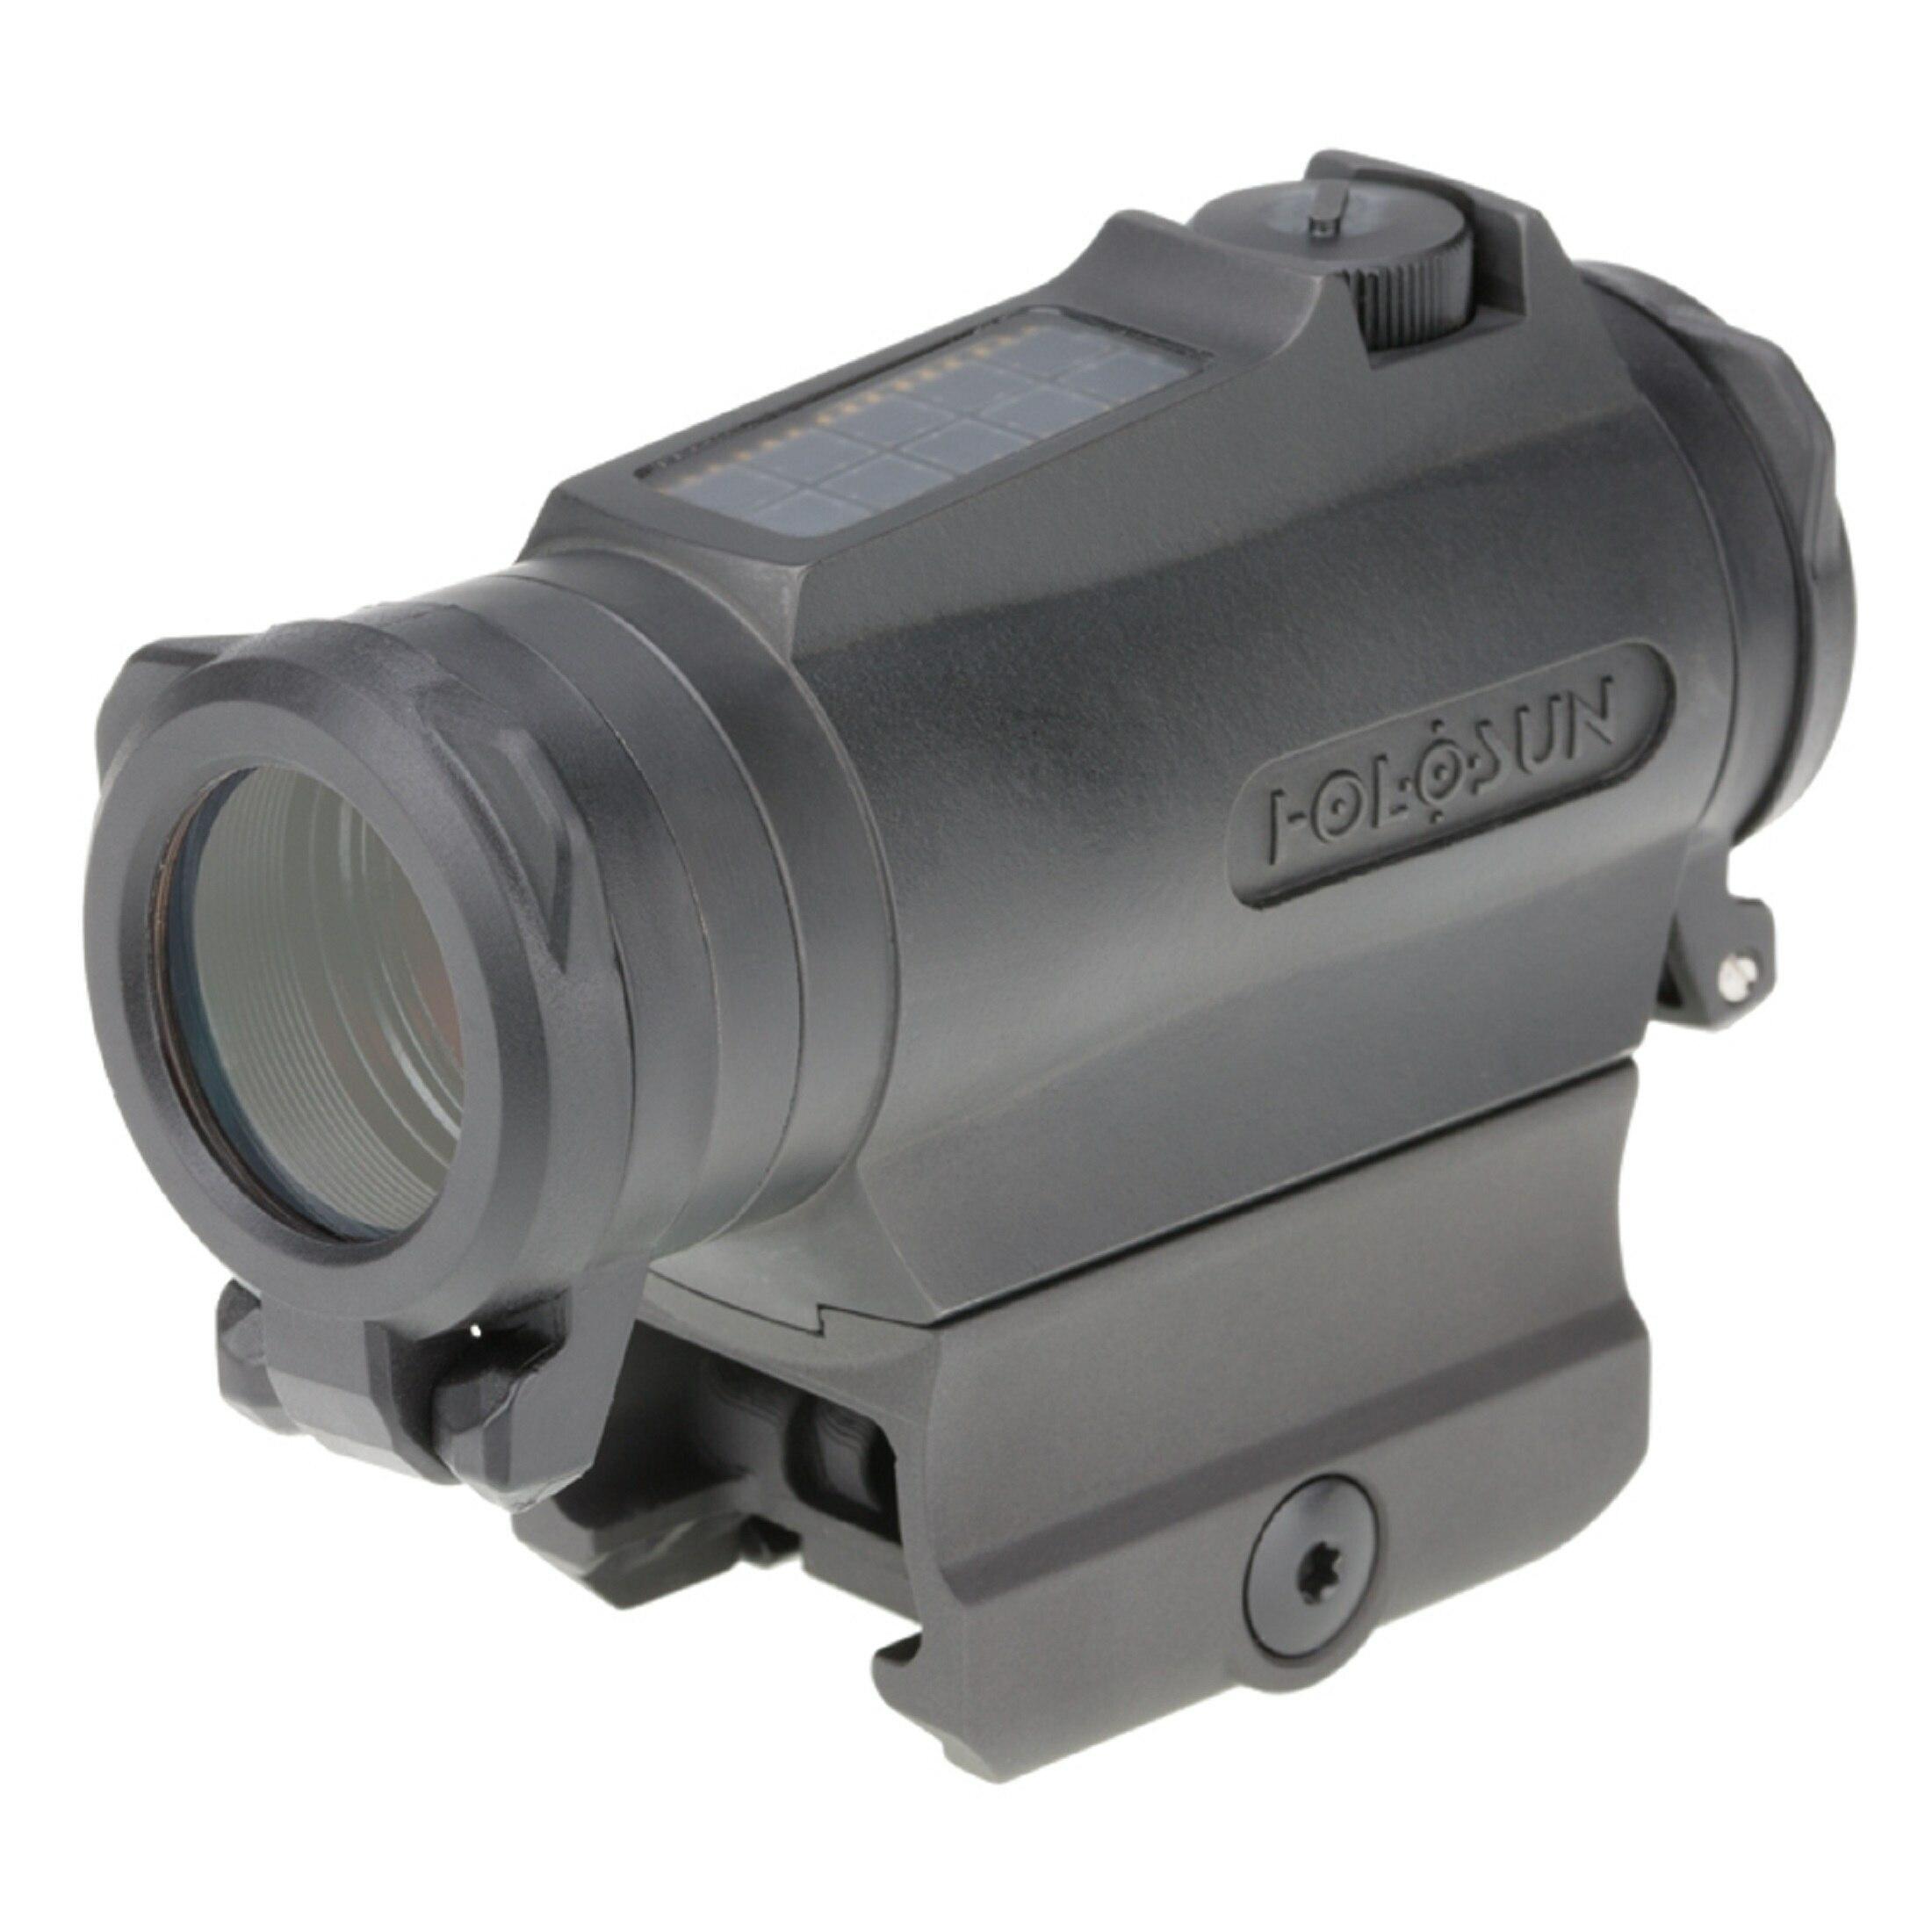 Holosun Dot Sight HE515C-T-GR